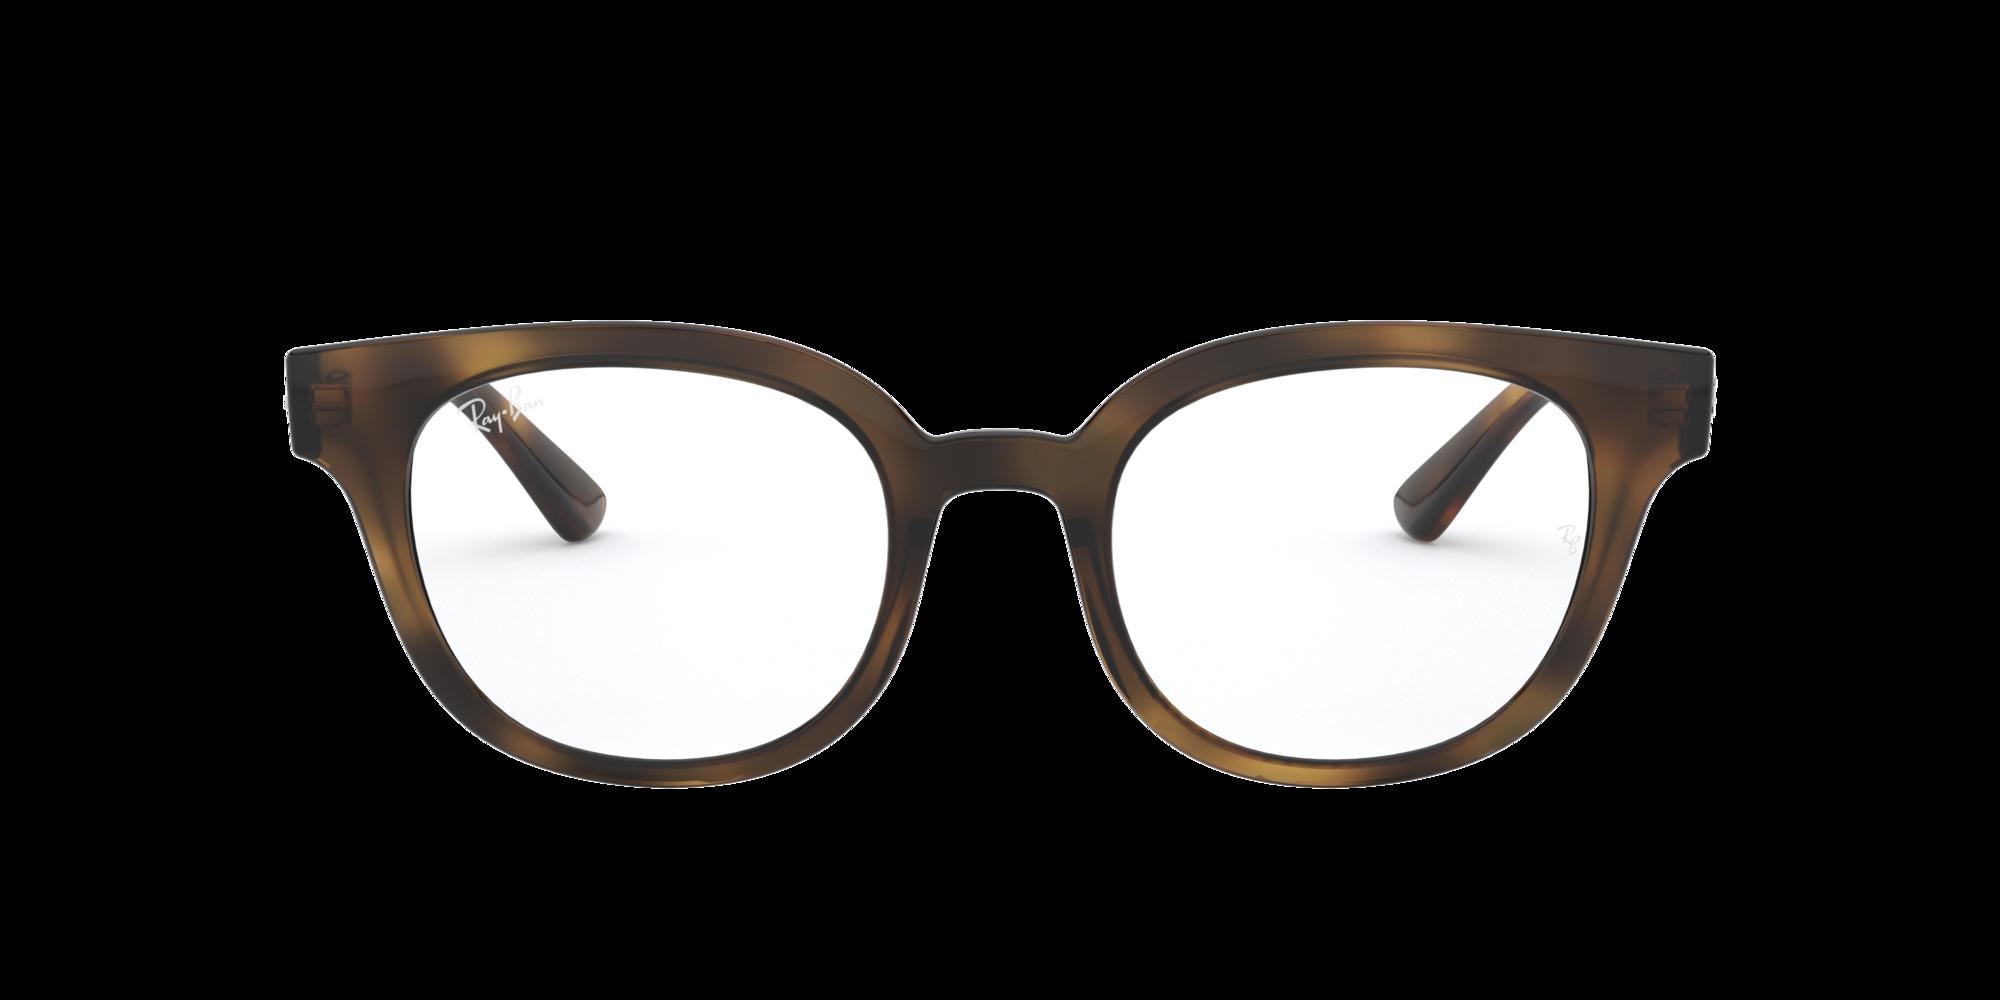 Imagen para RX4324V de LensCrafters |  Espejuelos, espejuelos graduados en línea, gafas